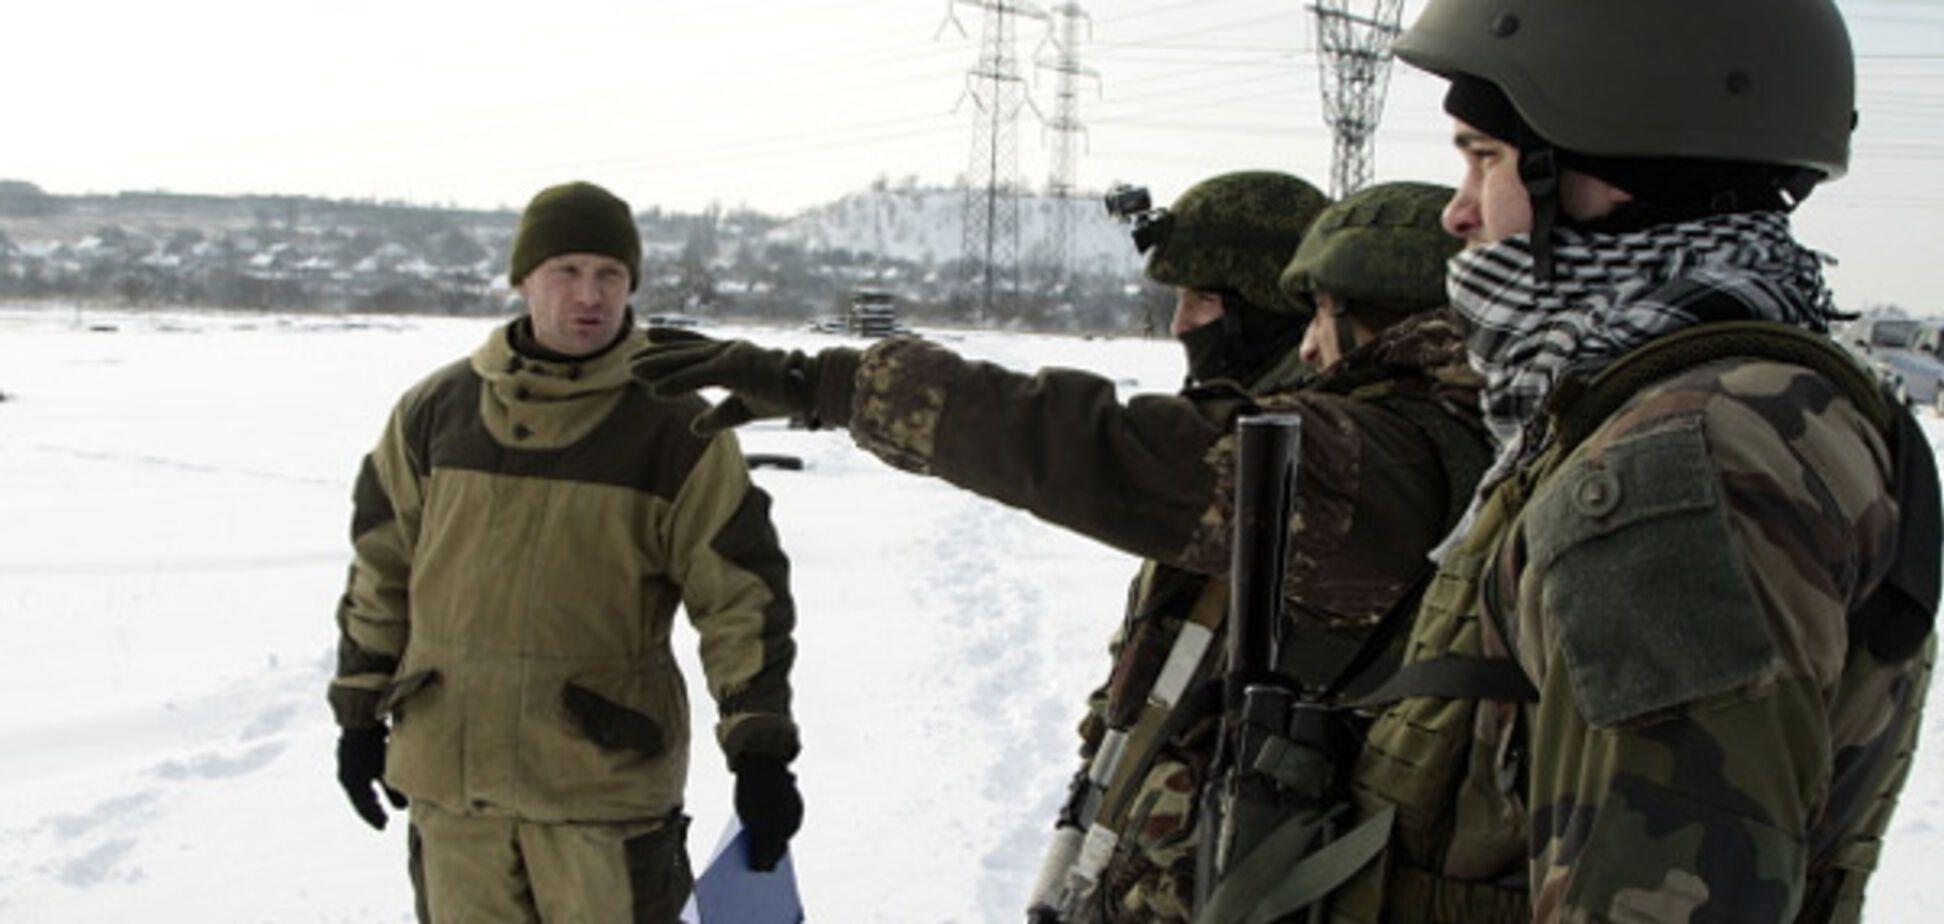 Трамп взялся за конфликт на Донбассе